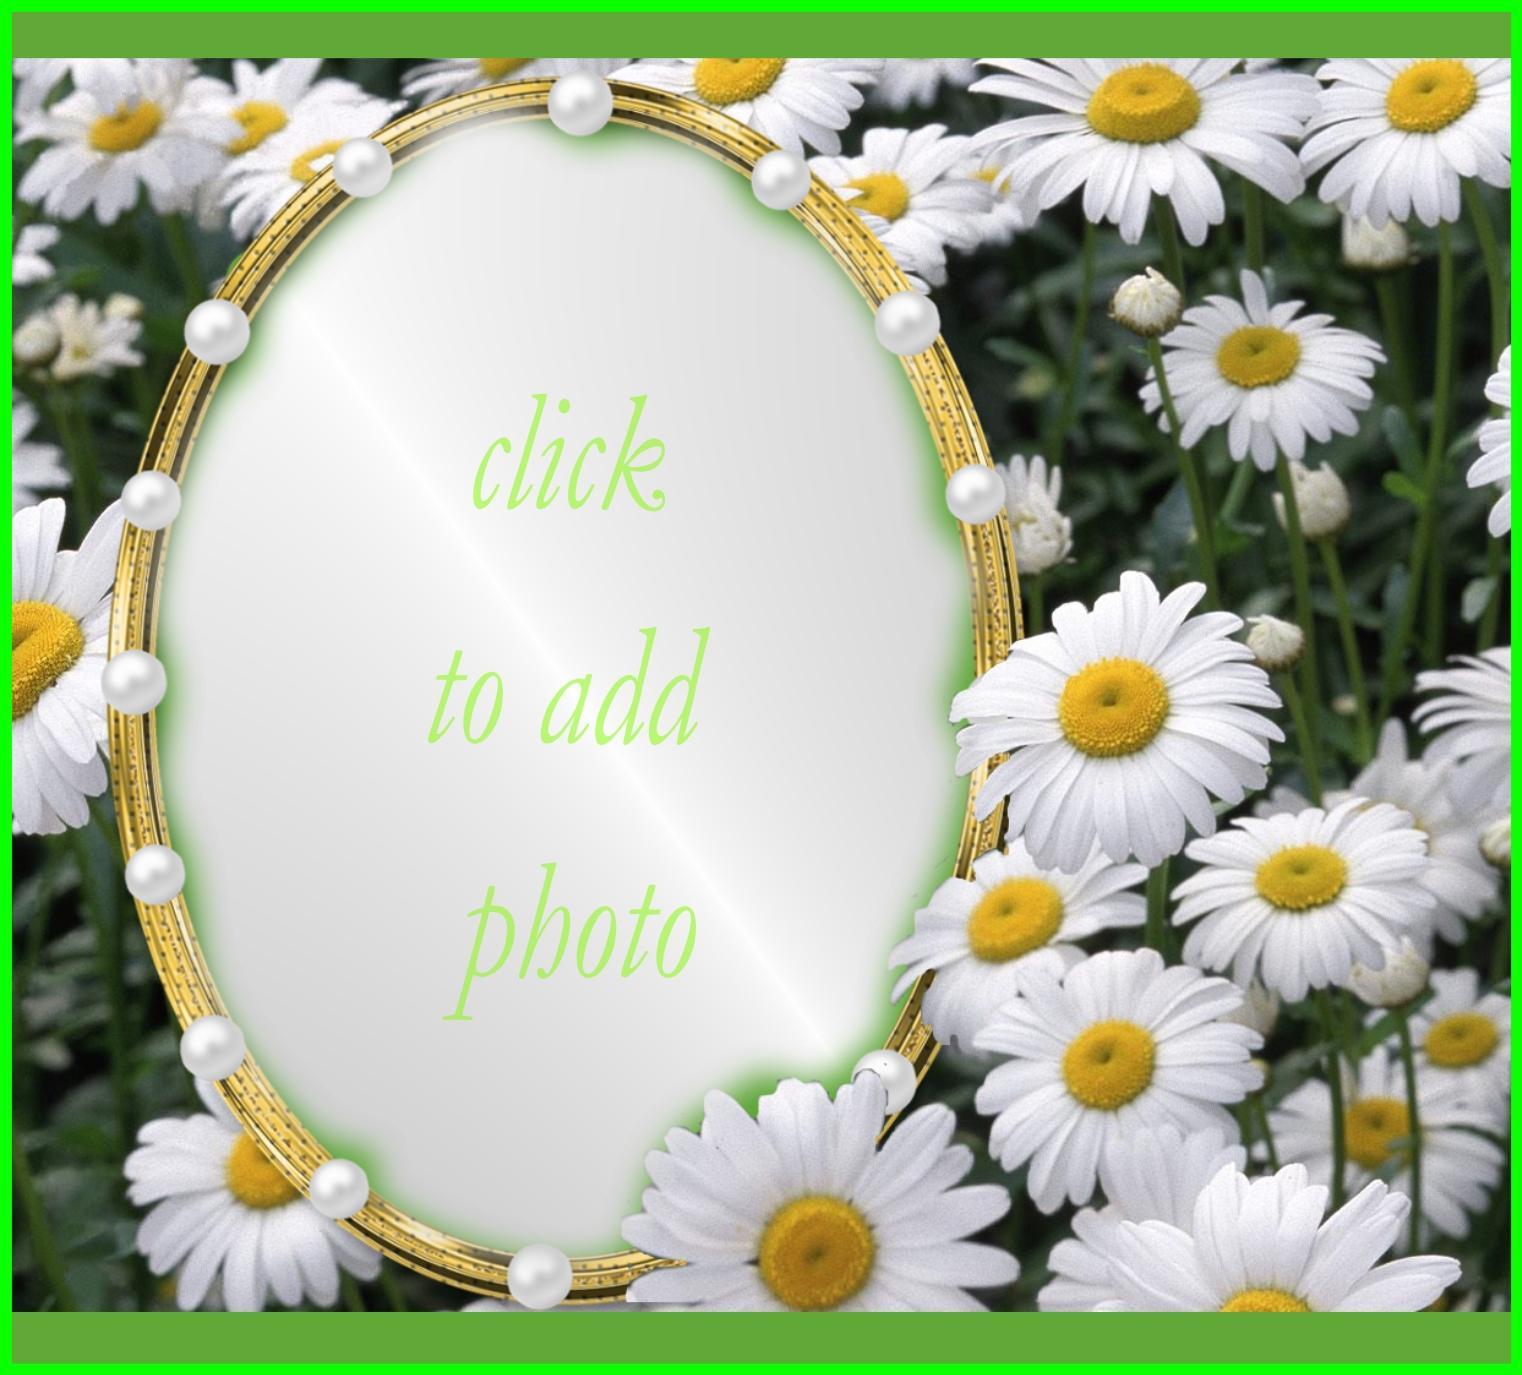 Imikimi Zo - Spring Frames - #Spring Photo Frame #Aniarania - aniarania